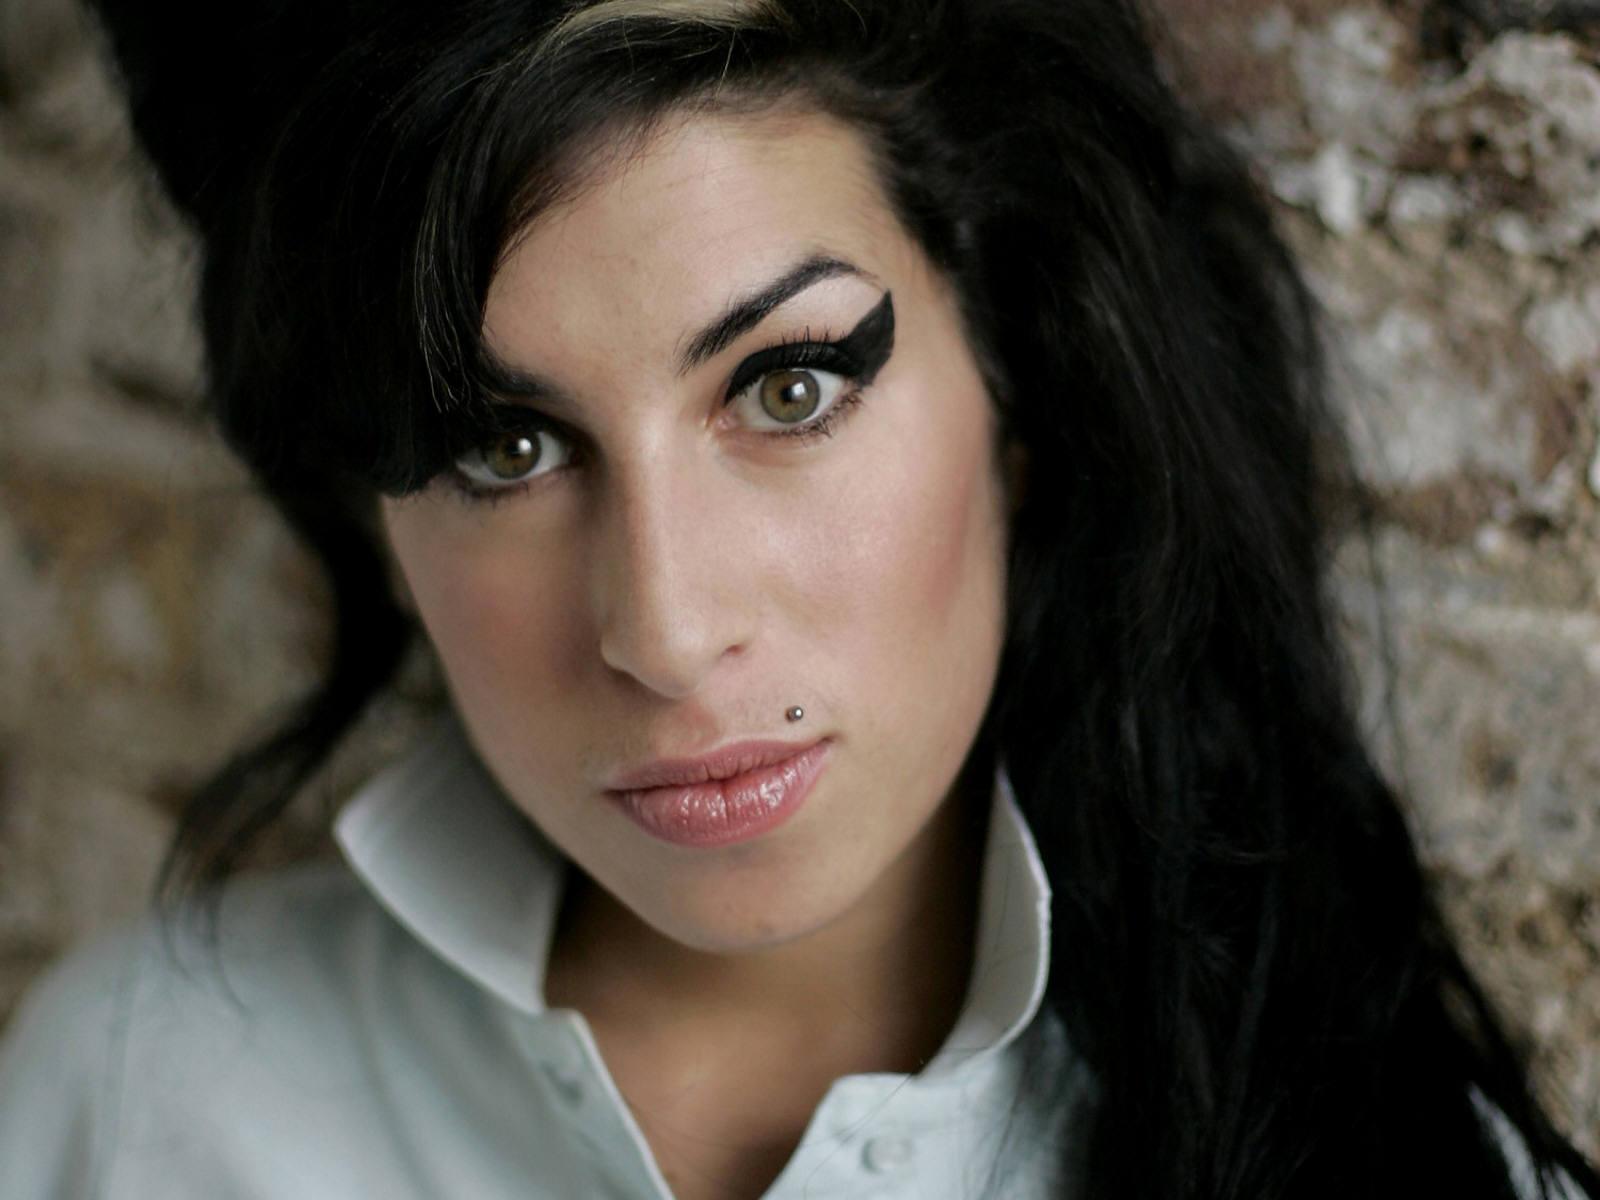 http://1.bp.blogspot.com/-P_s_FD4u_D8/Ti47_WhYhzI/AAAAAAAAMtU/jzLtA6gJB28/s1600/Amy_Winehouse_0001_1600X1200_Wallpaper.jpeg